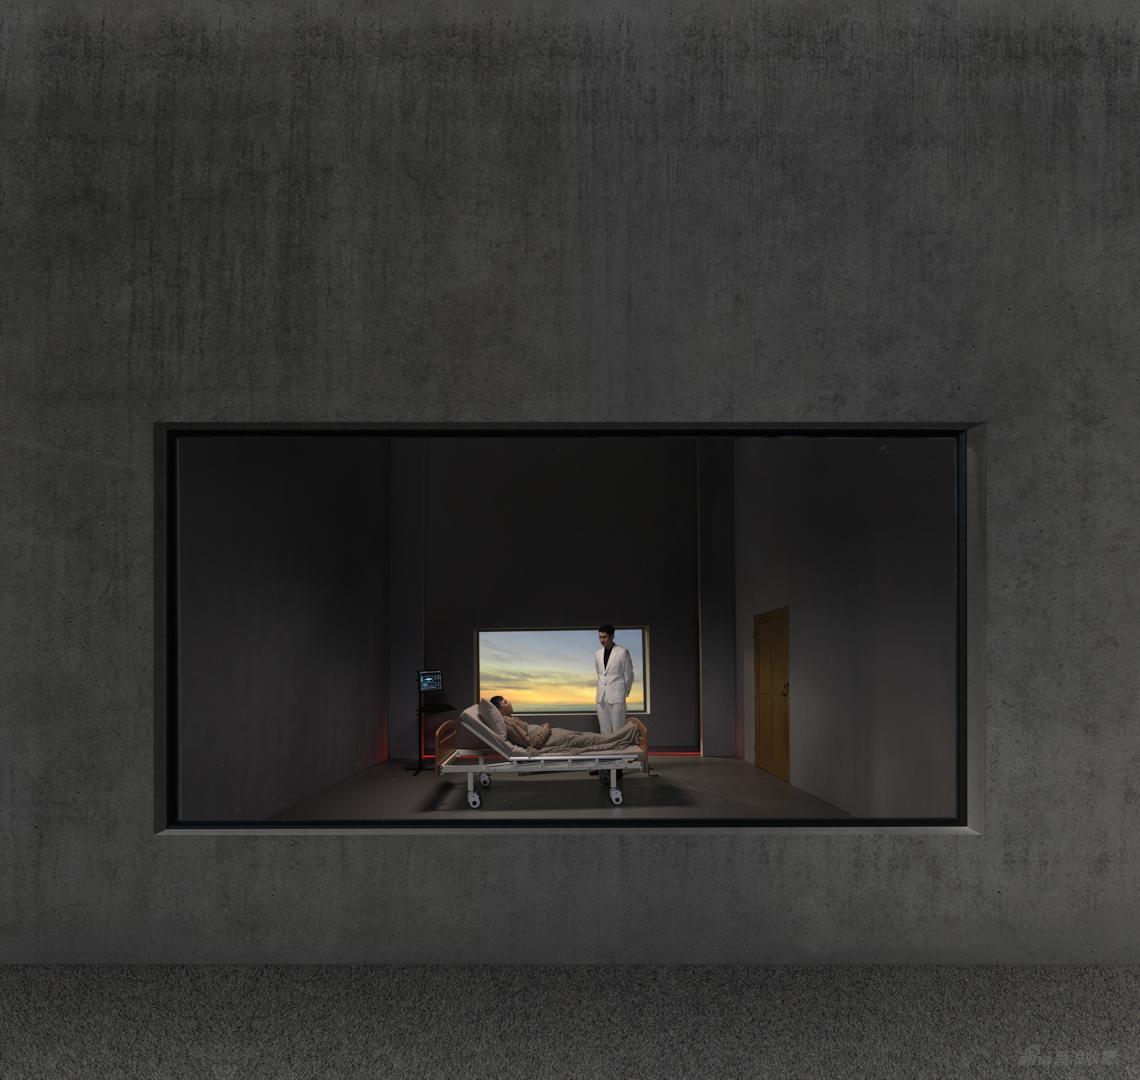 展览推荐 生命奇旅——大型科普艺术沉浸展